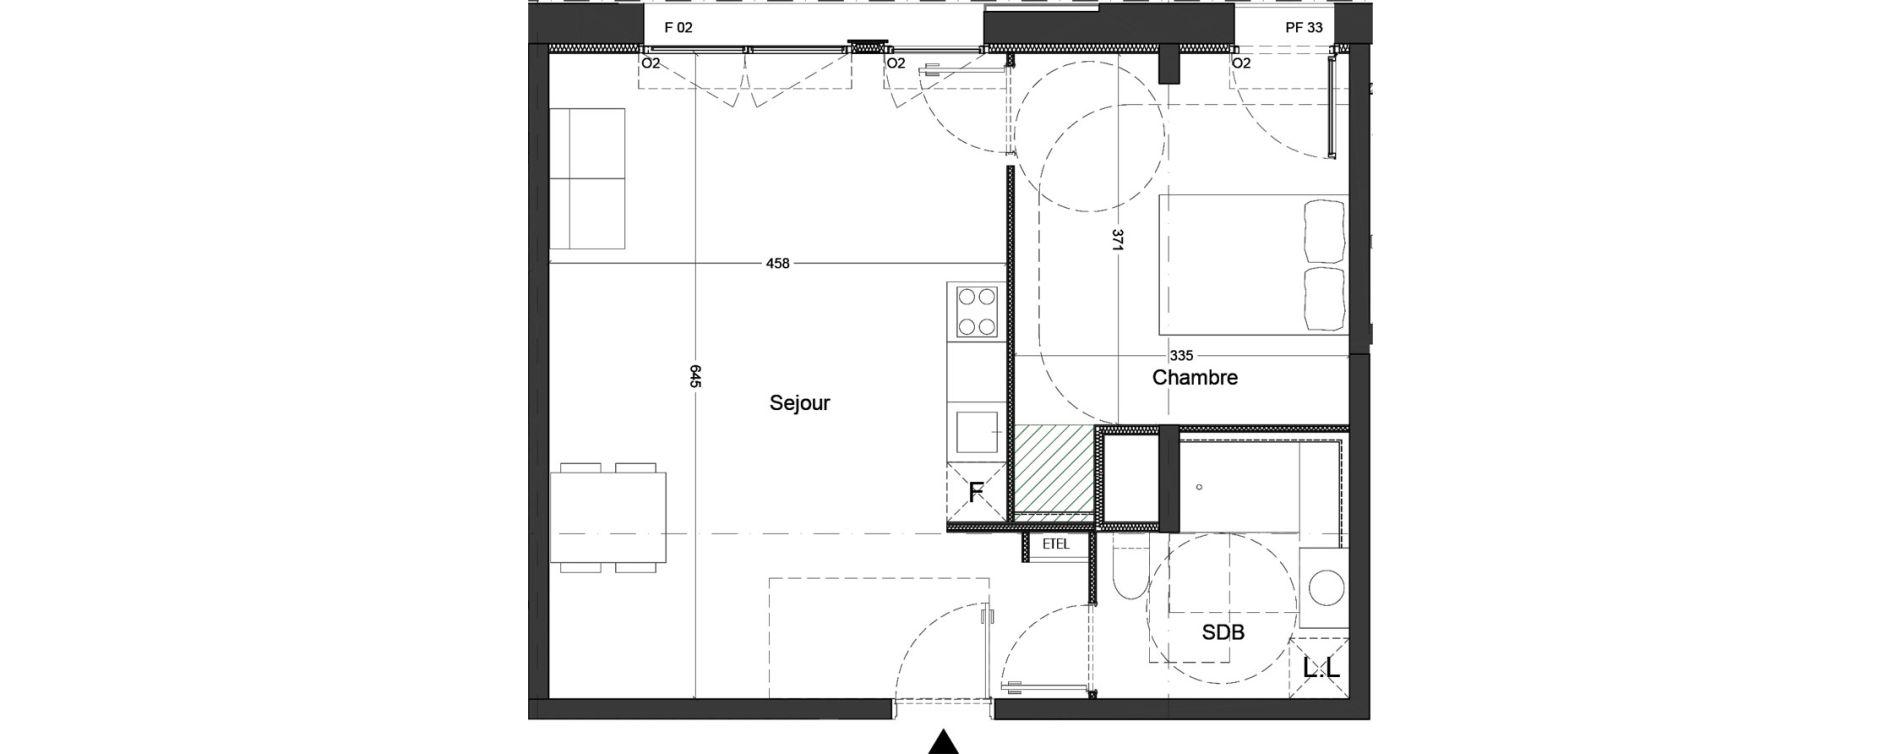 Appartement T2 de 49,68 m2 à Nice Saint augustin